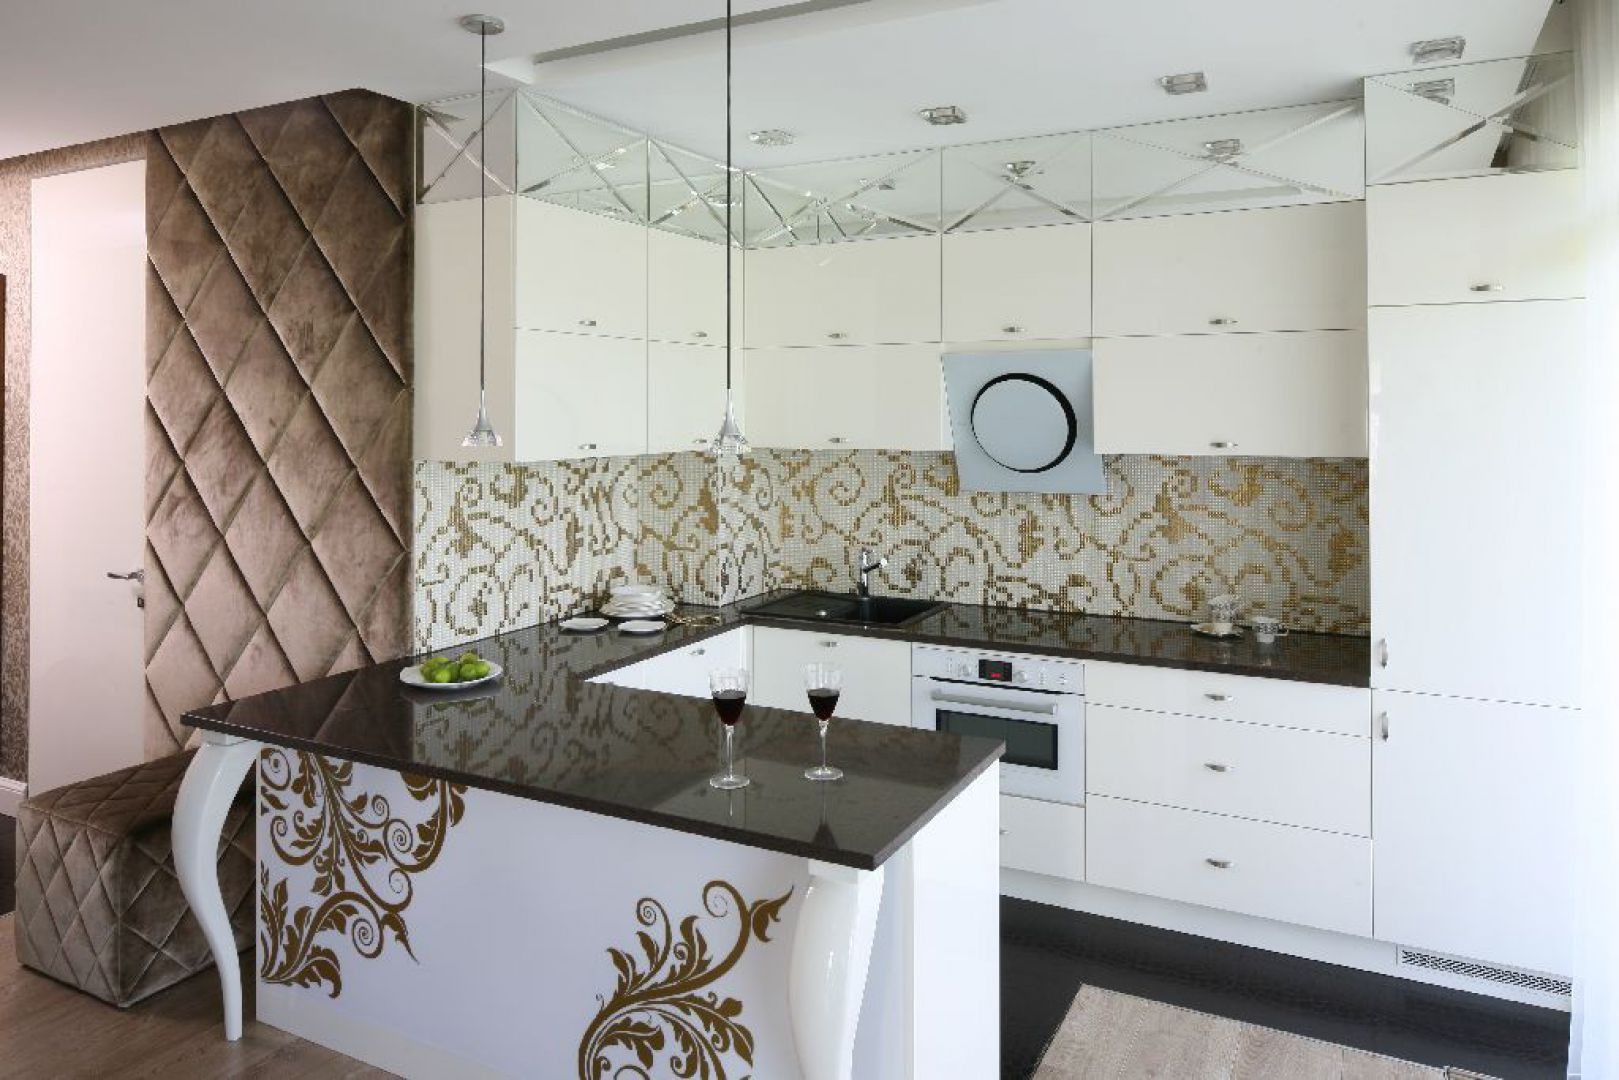 """Spokojny kolor """"złamanej"""" bieli jest doskonałym tłem dla mocno dekoracyjnych elementów mieniących się złotem – mozaiki nad blatem oraz grafiki na ladzie. Fot. Bartosz Jarosz."""